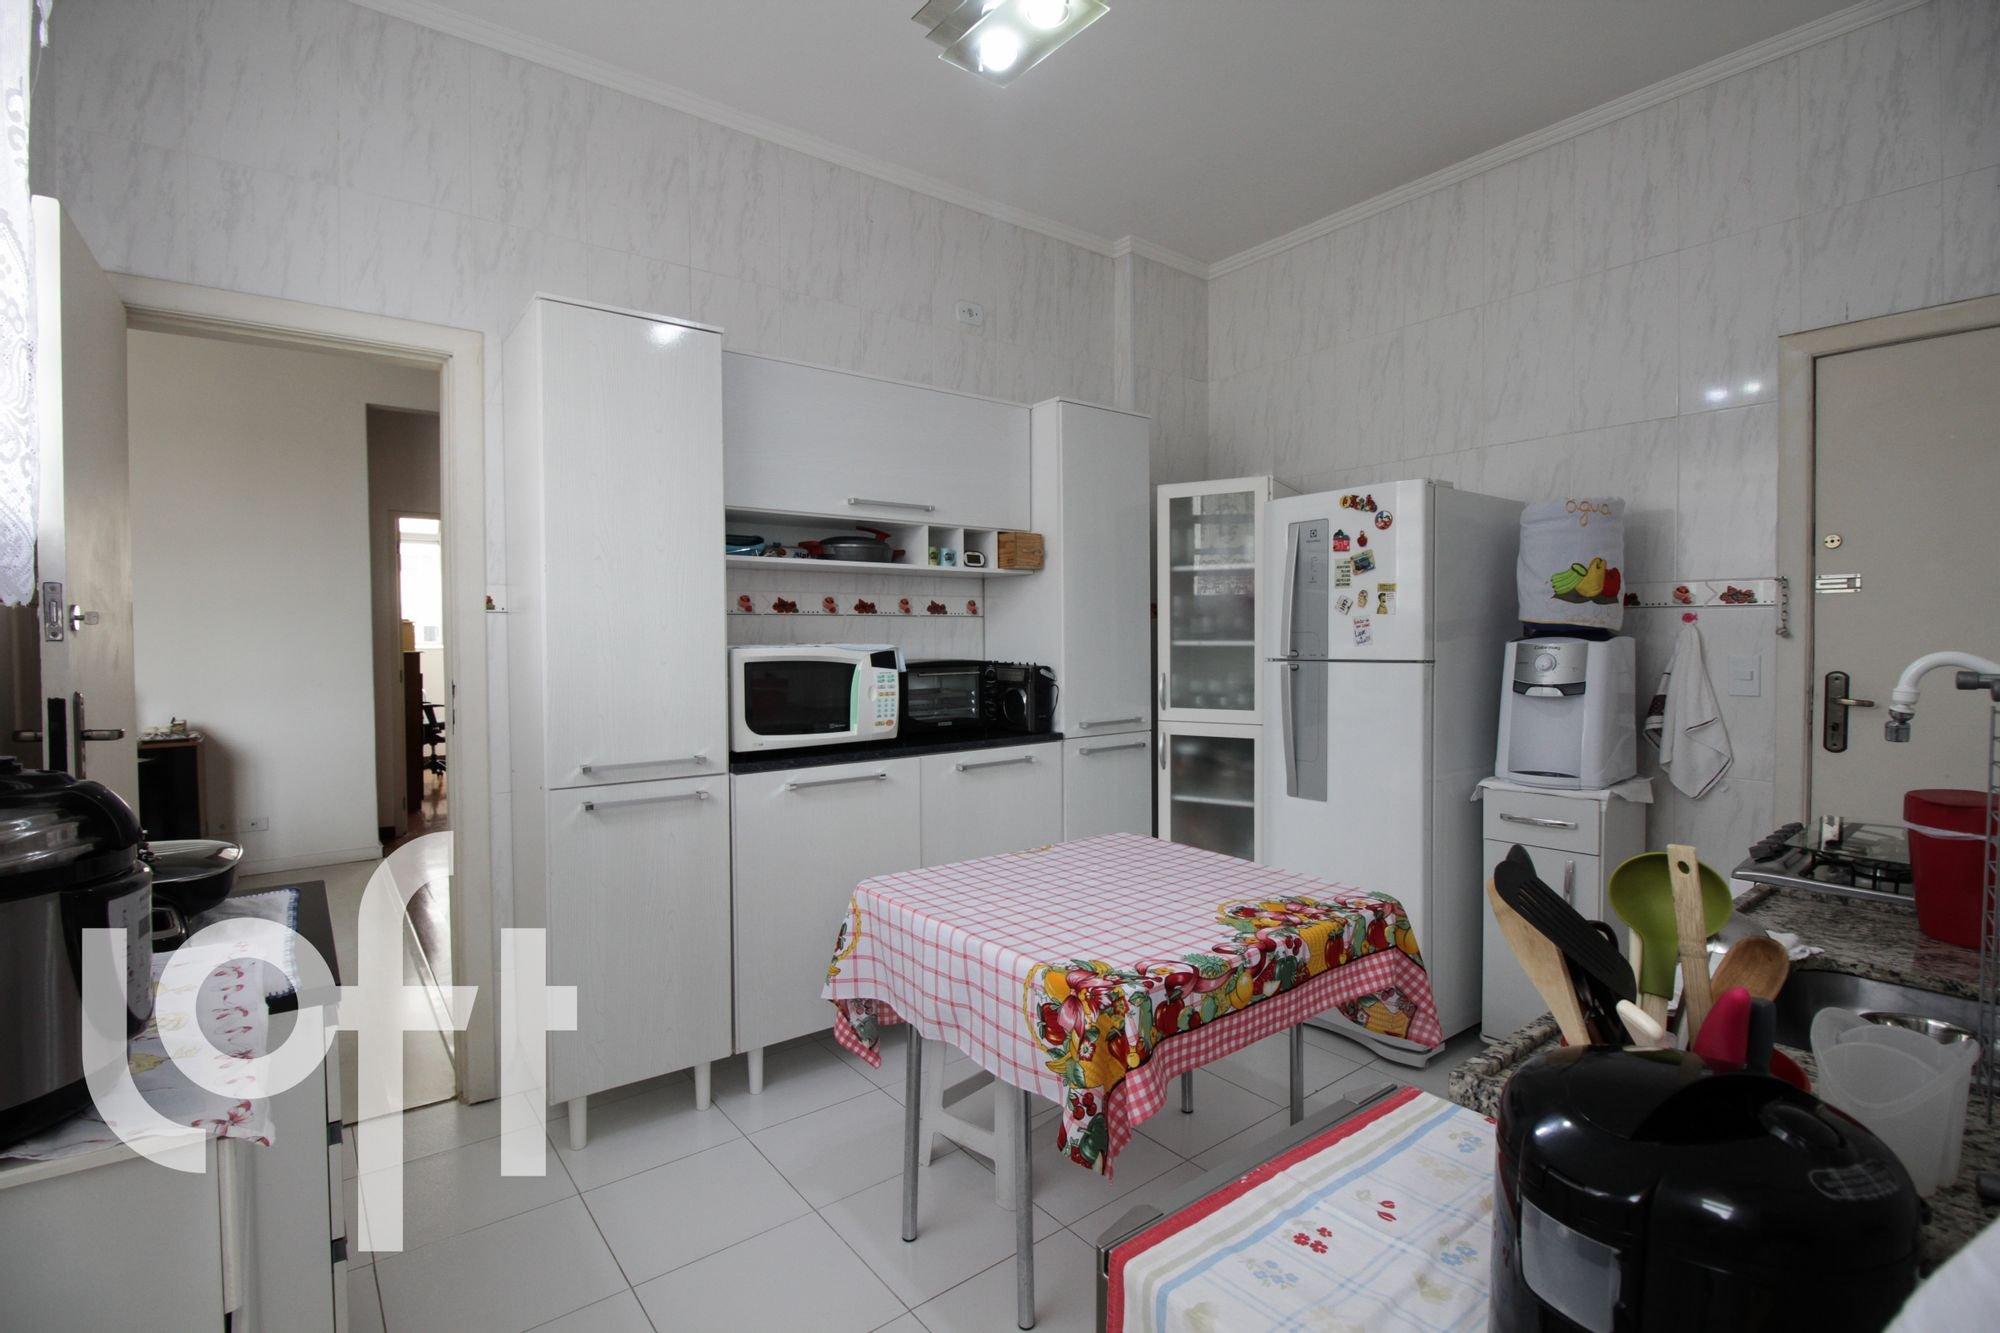 Foto de Cozinha com torradeira, geladeira, microondas, mesa de jantar